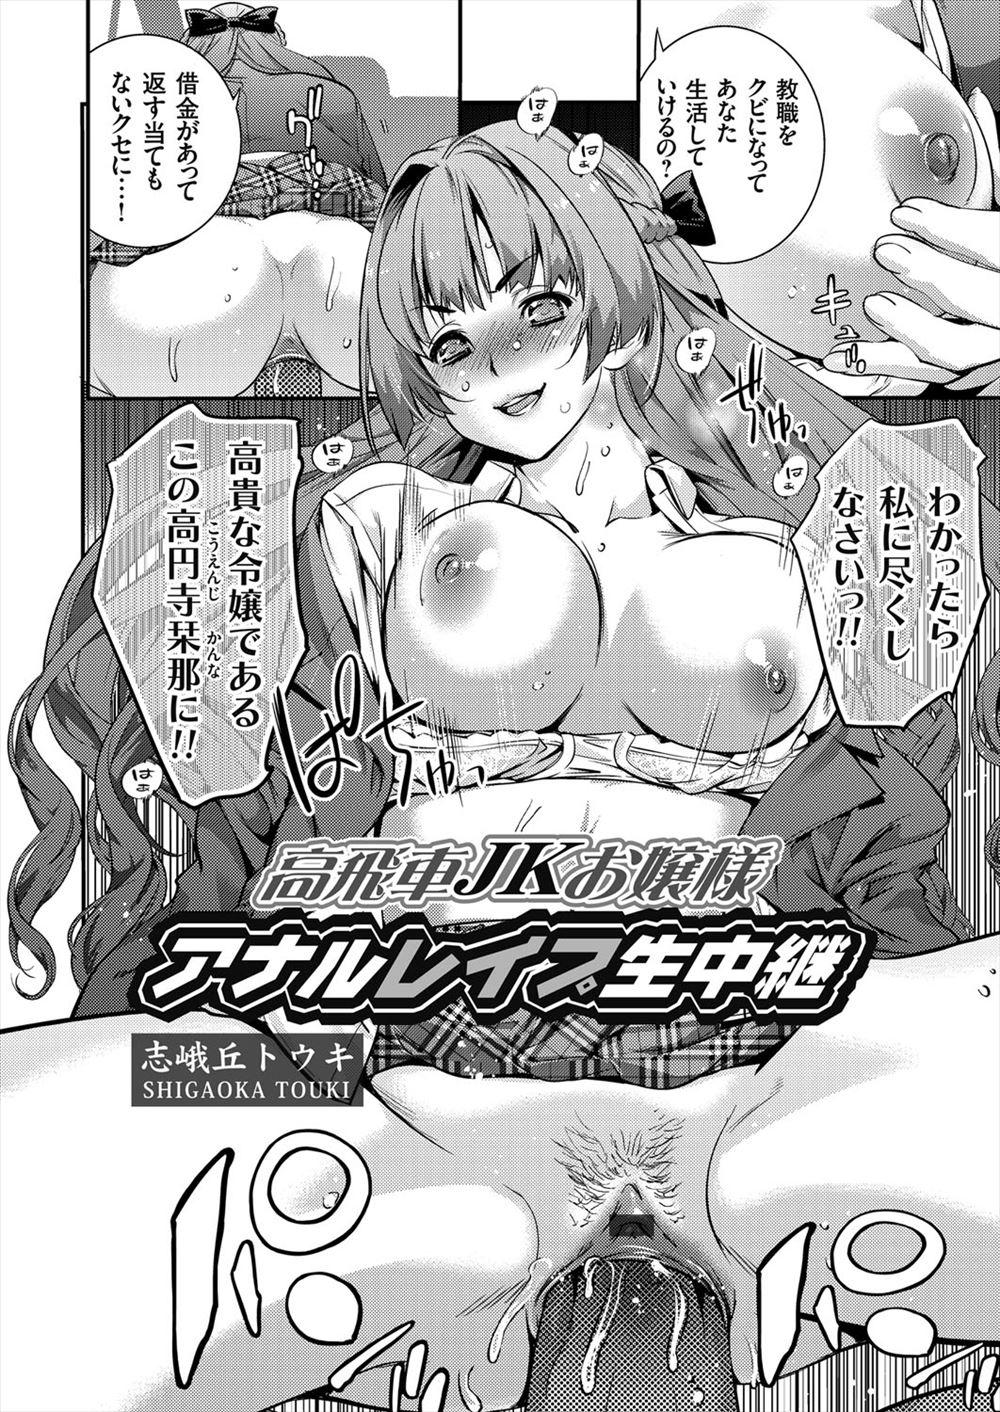 【エッチ漫画】高貴な令嬢のJKお嬢様が借金のかたにご奉仕させてた庶民の男にネット中継で公開AFレイプ!